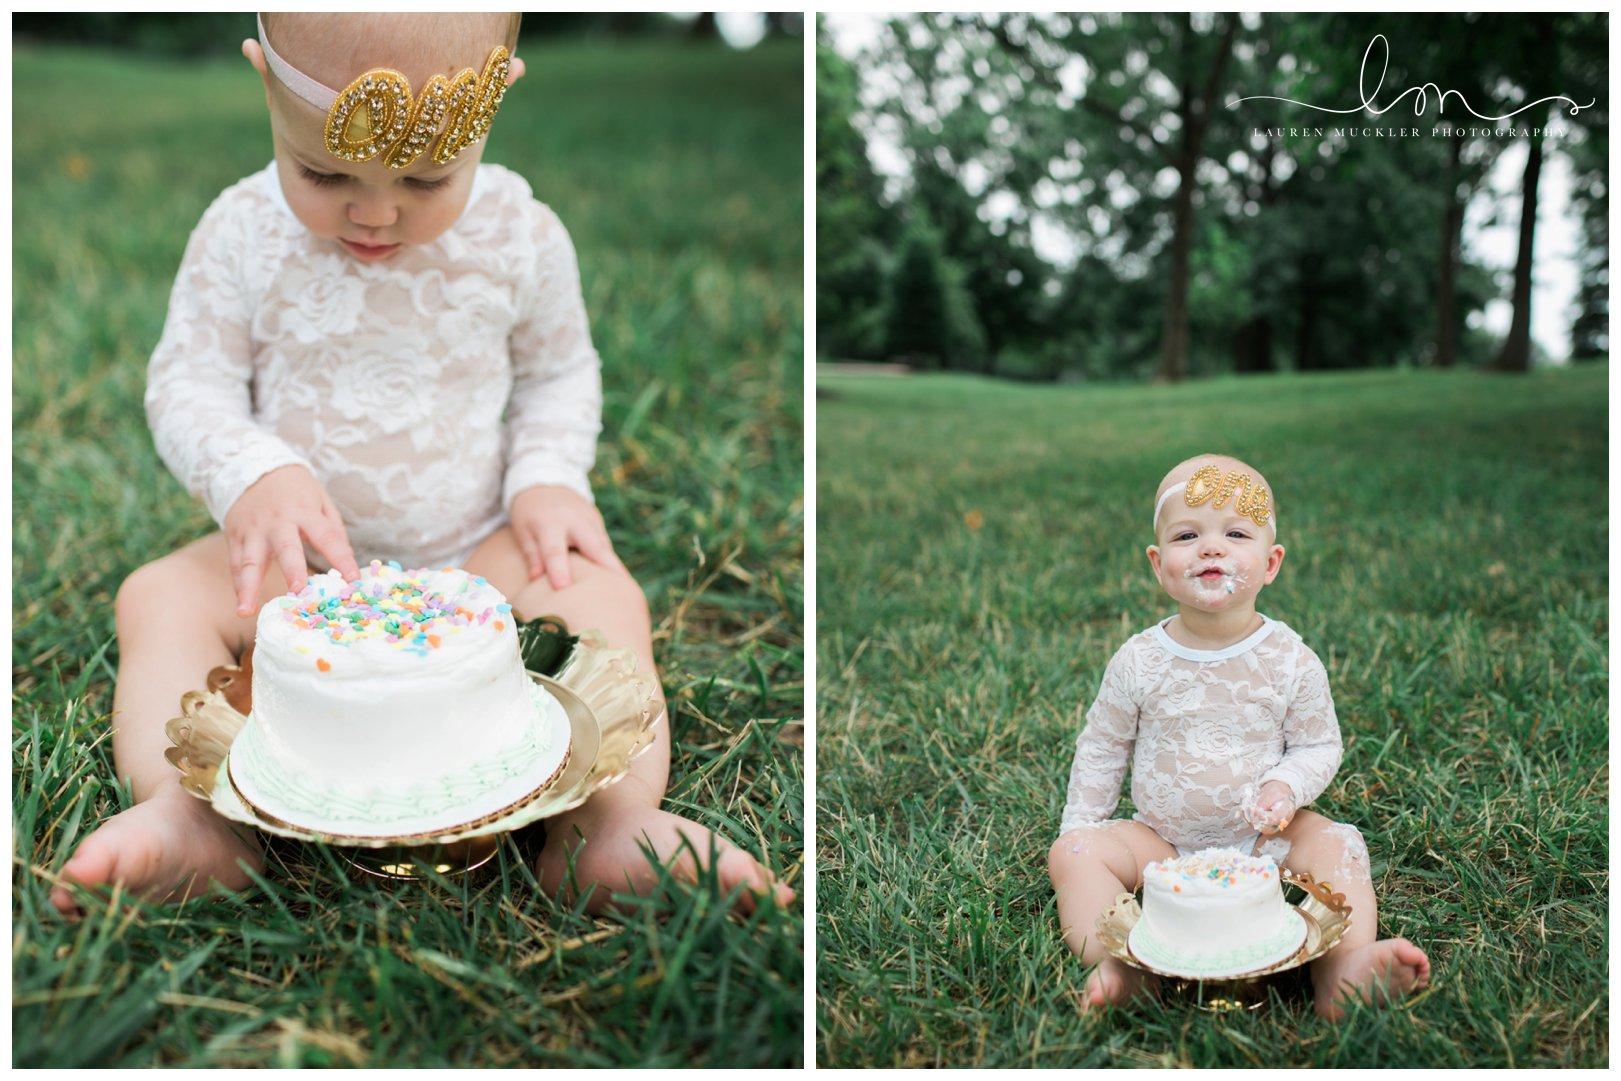 lauren muckler photography_fine art film wedding photography_st louis_photography_0520.jpg